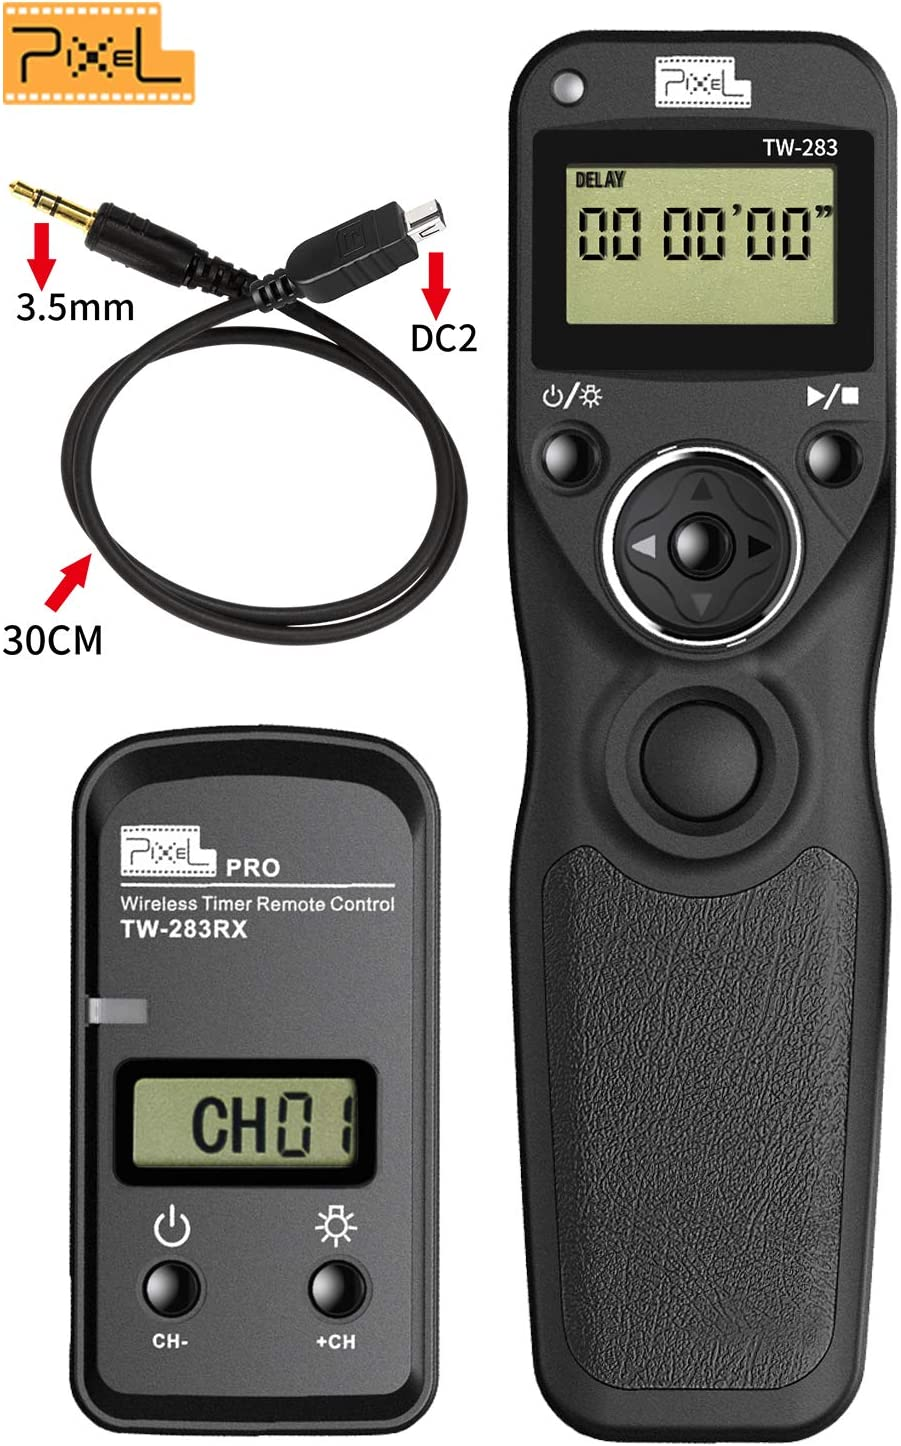 Temporizador LCD remoto disparador cable para Nikon D90 D3200 D5200 D610 D7000 D7100